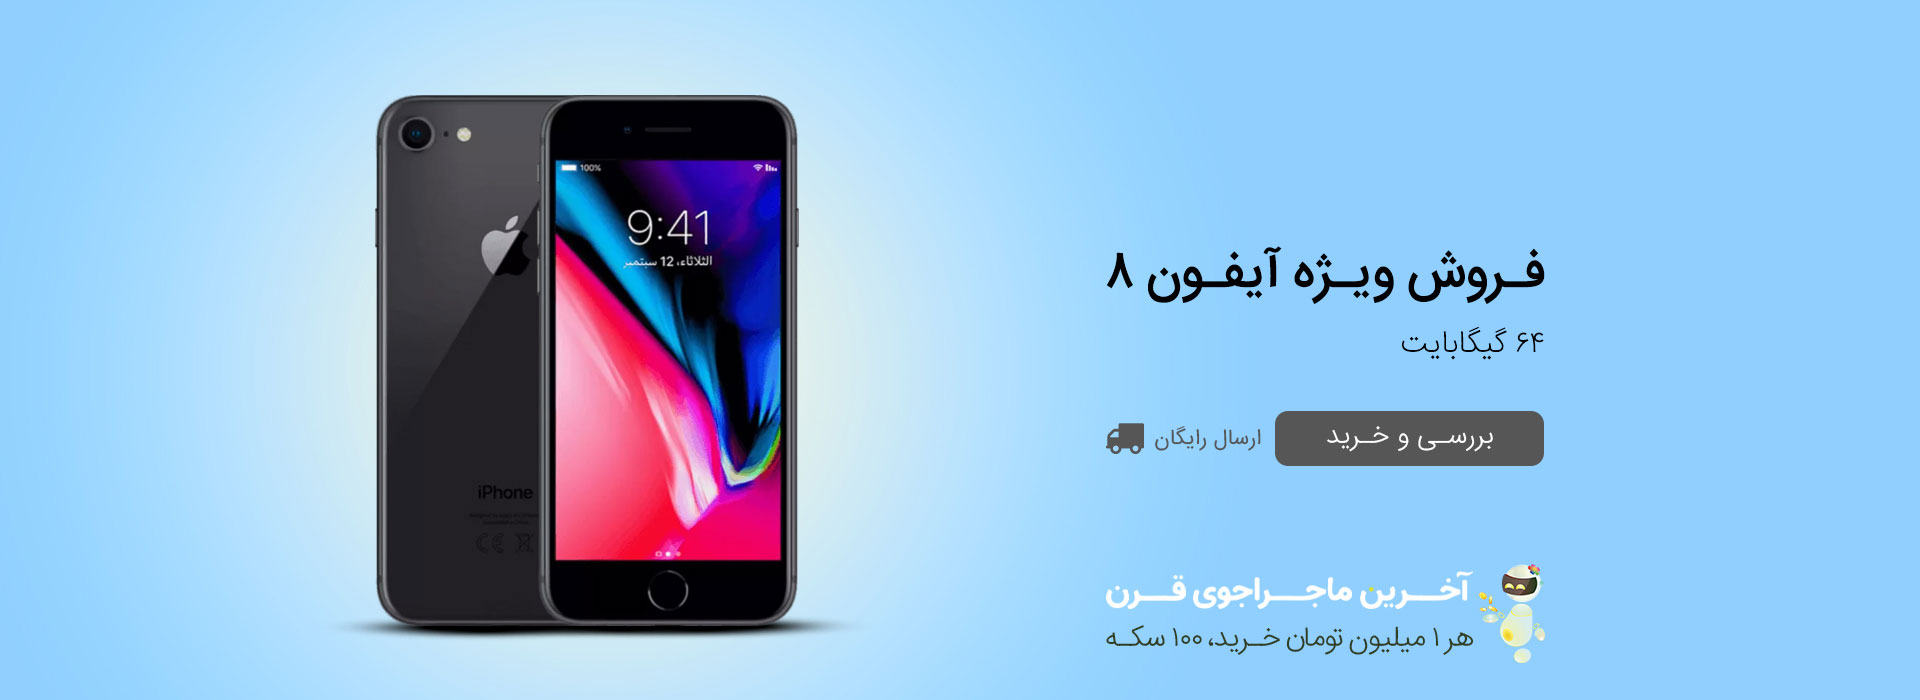 گوشی موبایل 64 گیگابایت Apple مدل IPHONE 8